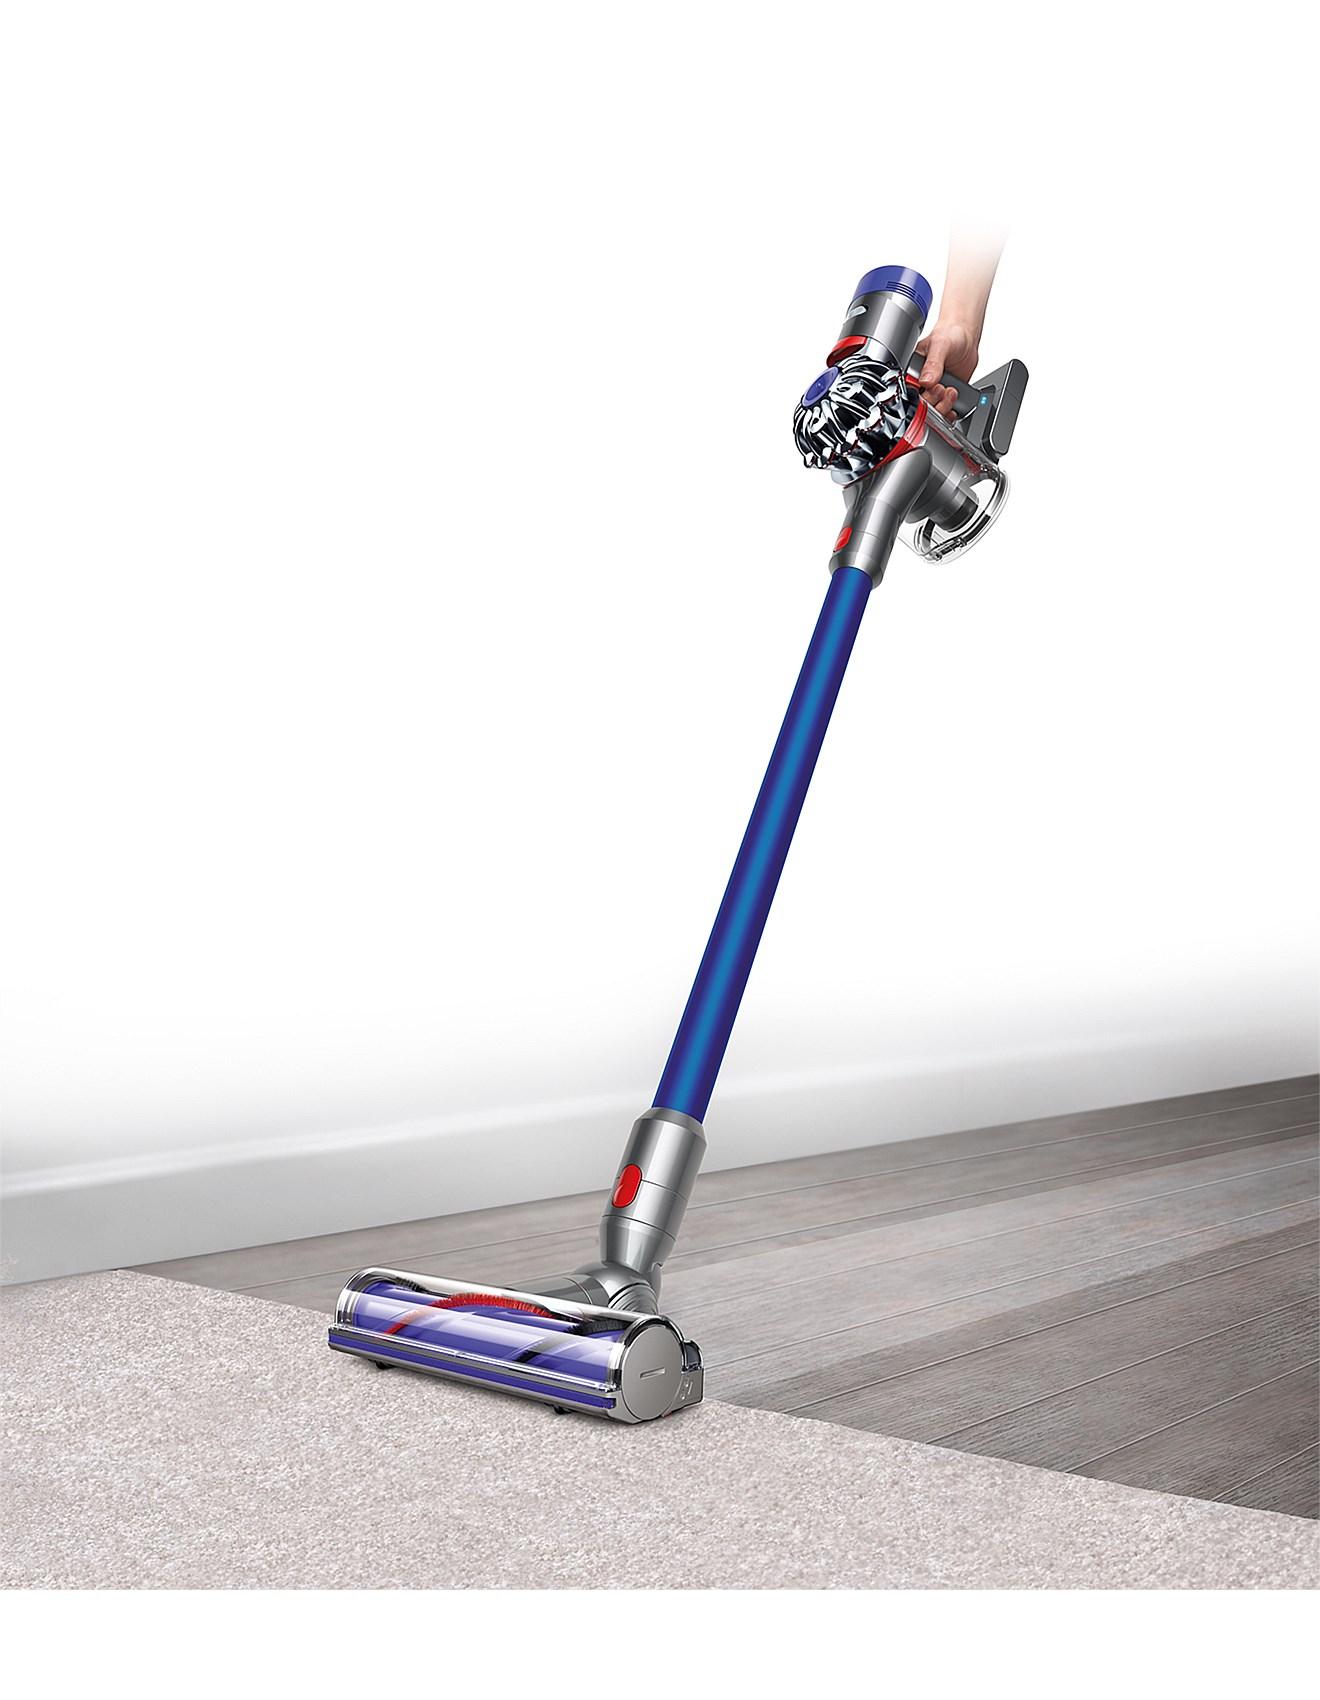 Dyson animal stick vacuum дайсон инструкция по эксплуатации